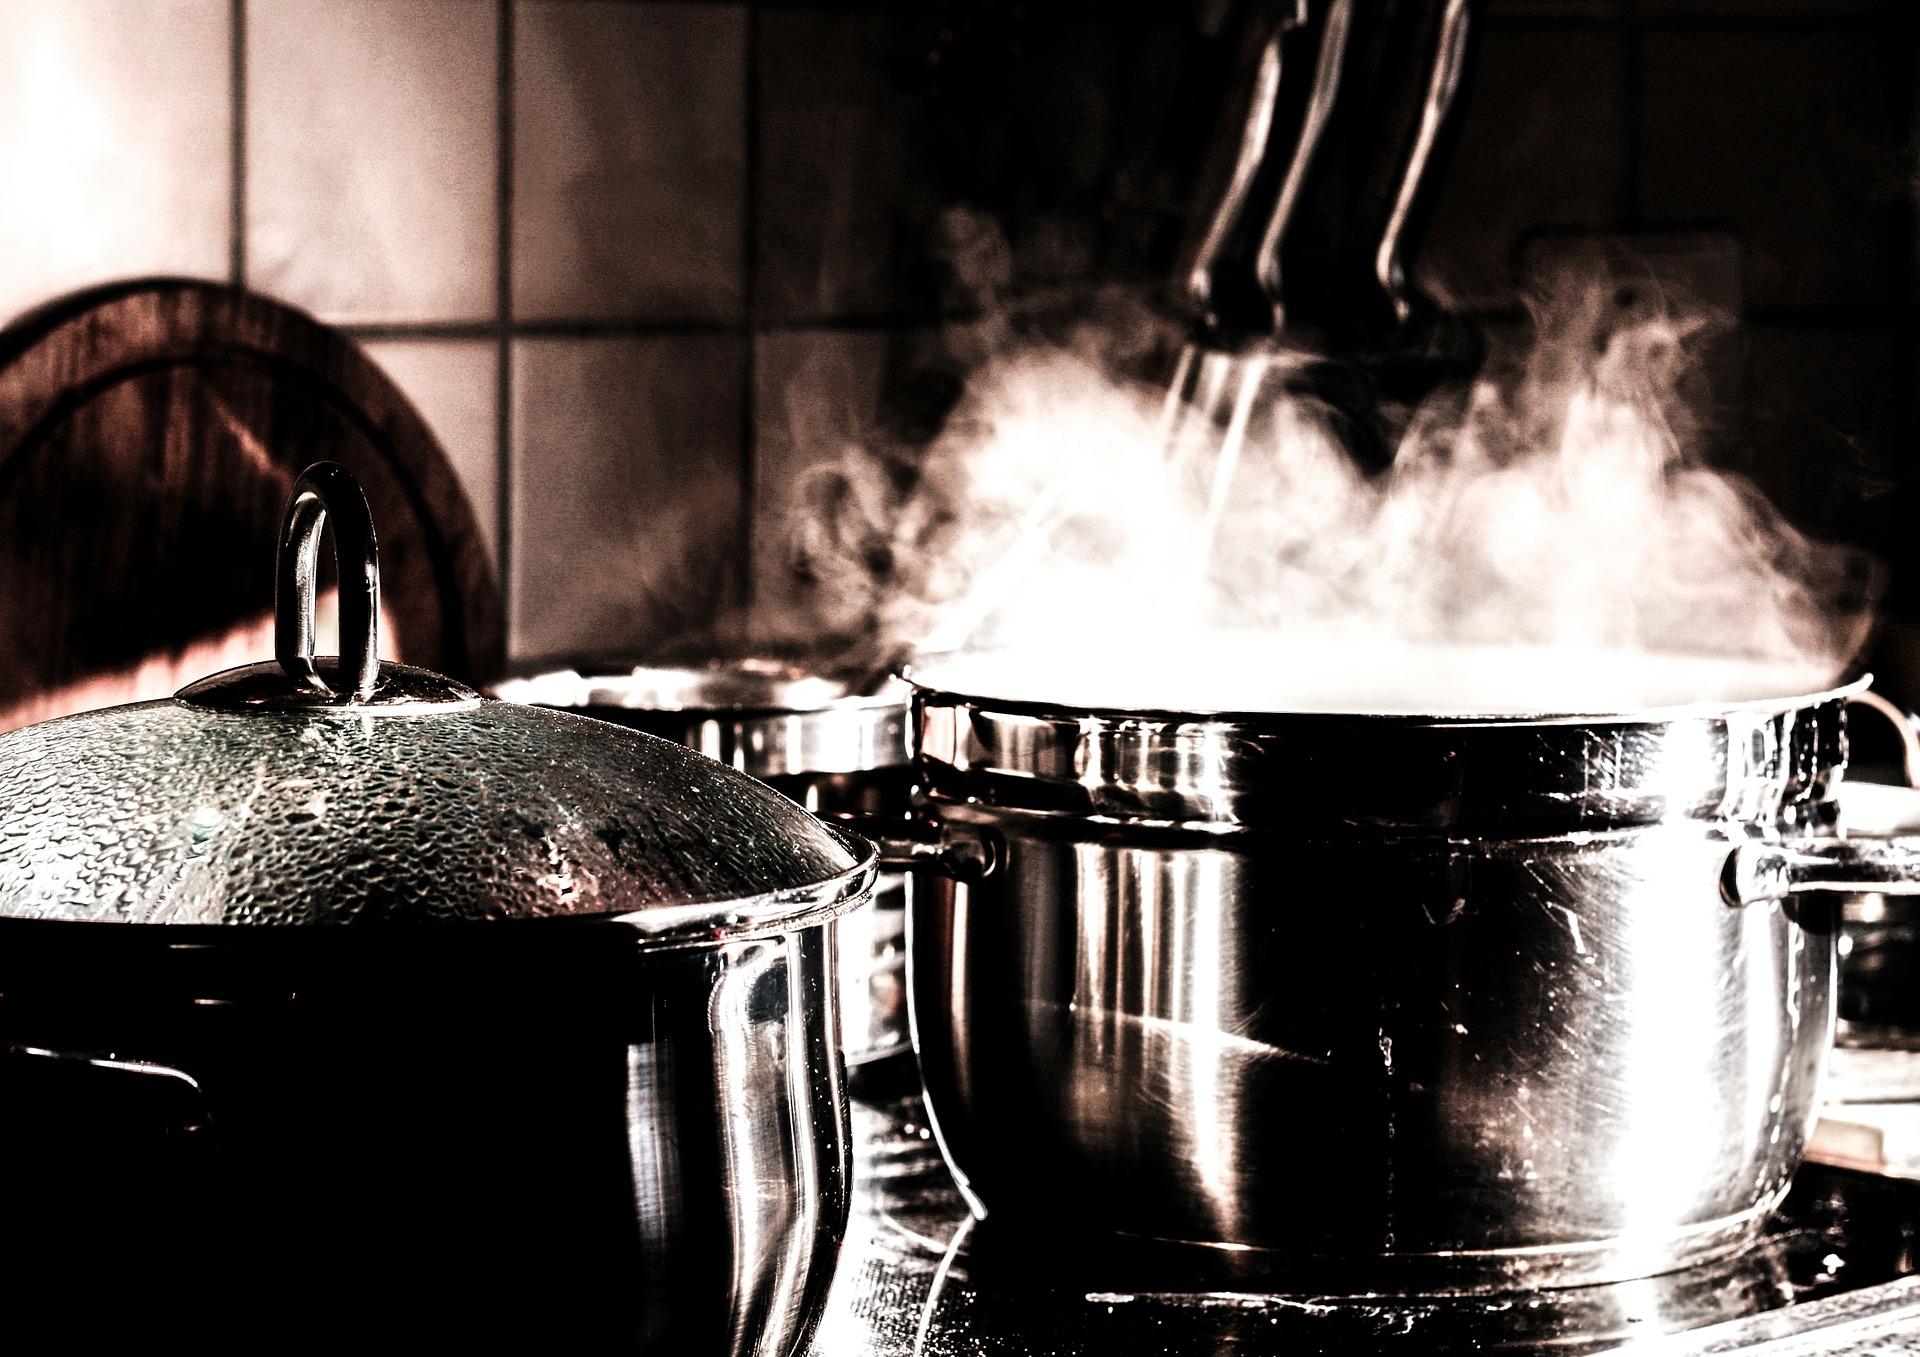 garnki na kuchence